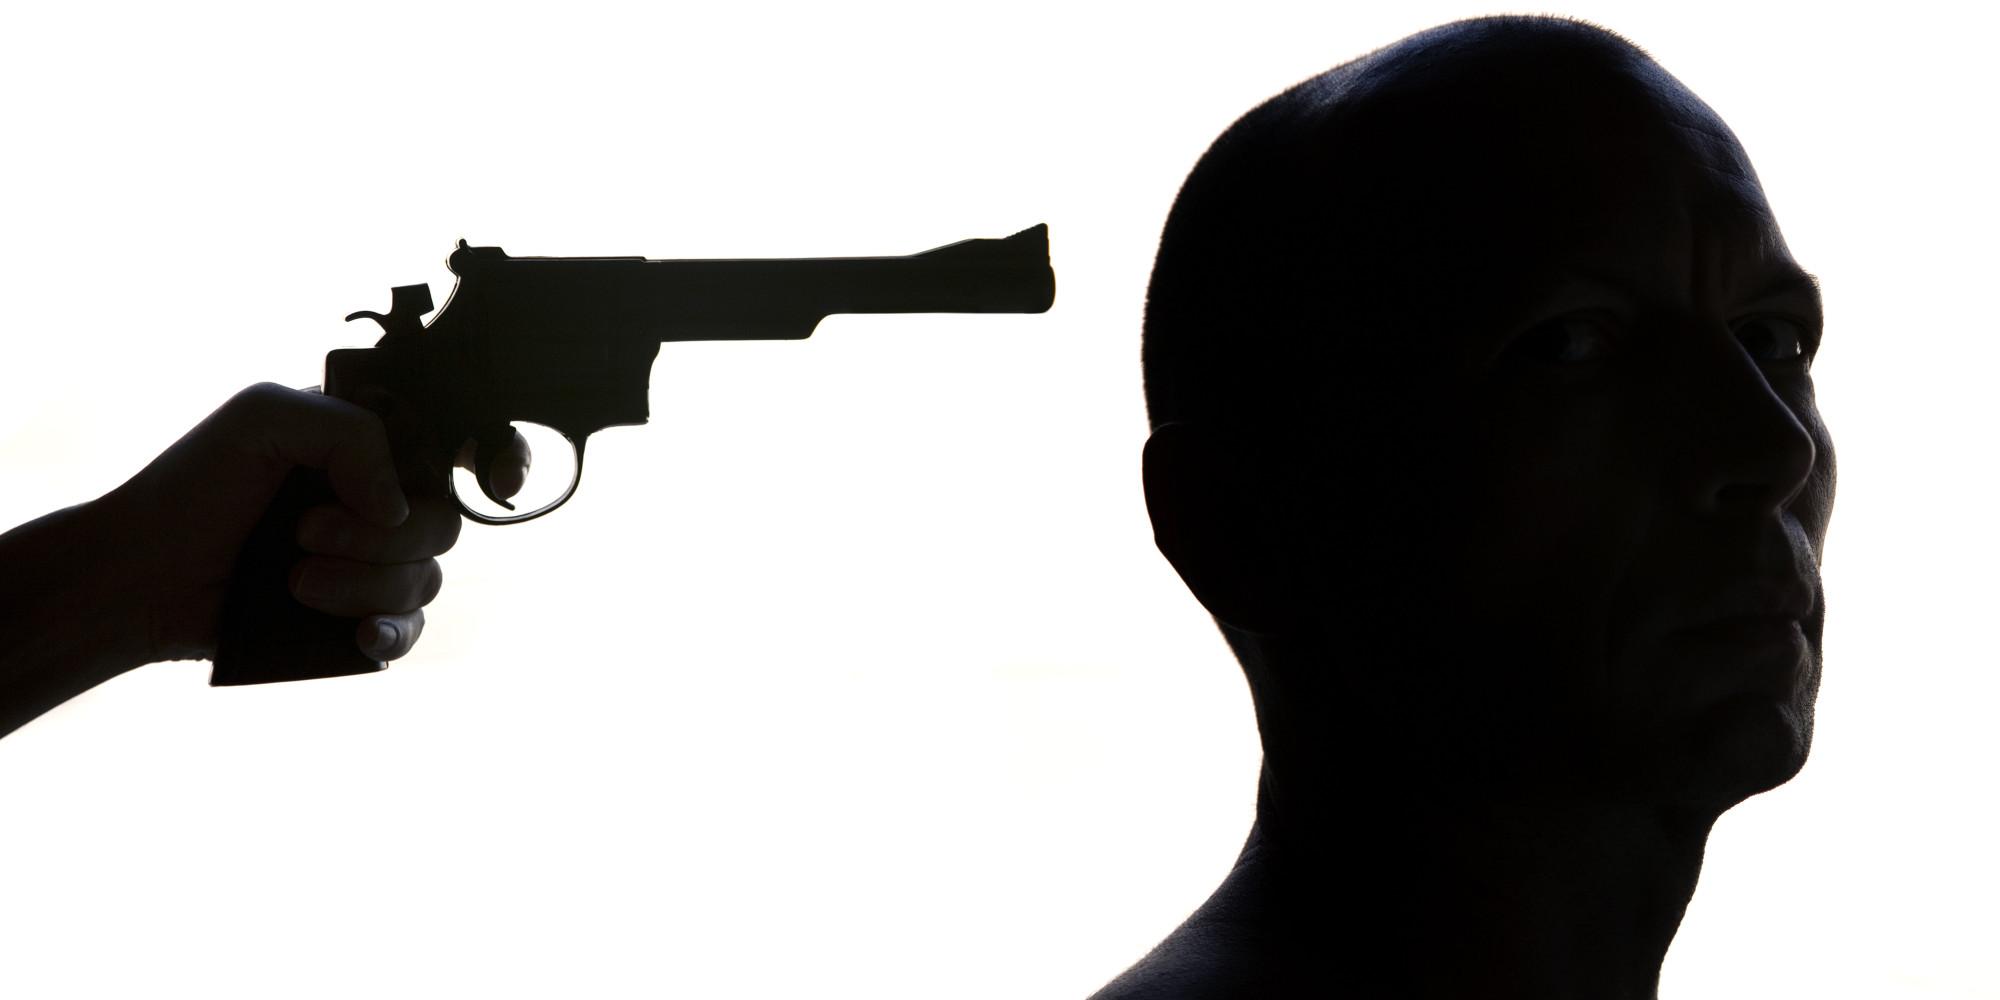 दिल्ली में अपराध बेलगामः होटल मालिक ने माँगा बिल दे दी गोली, मौत